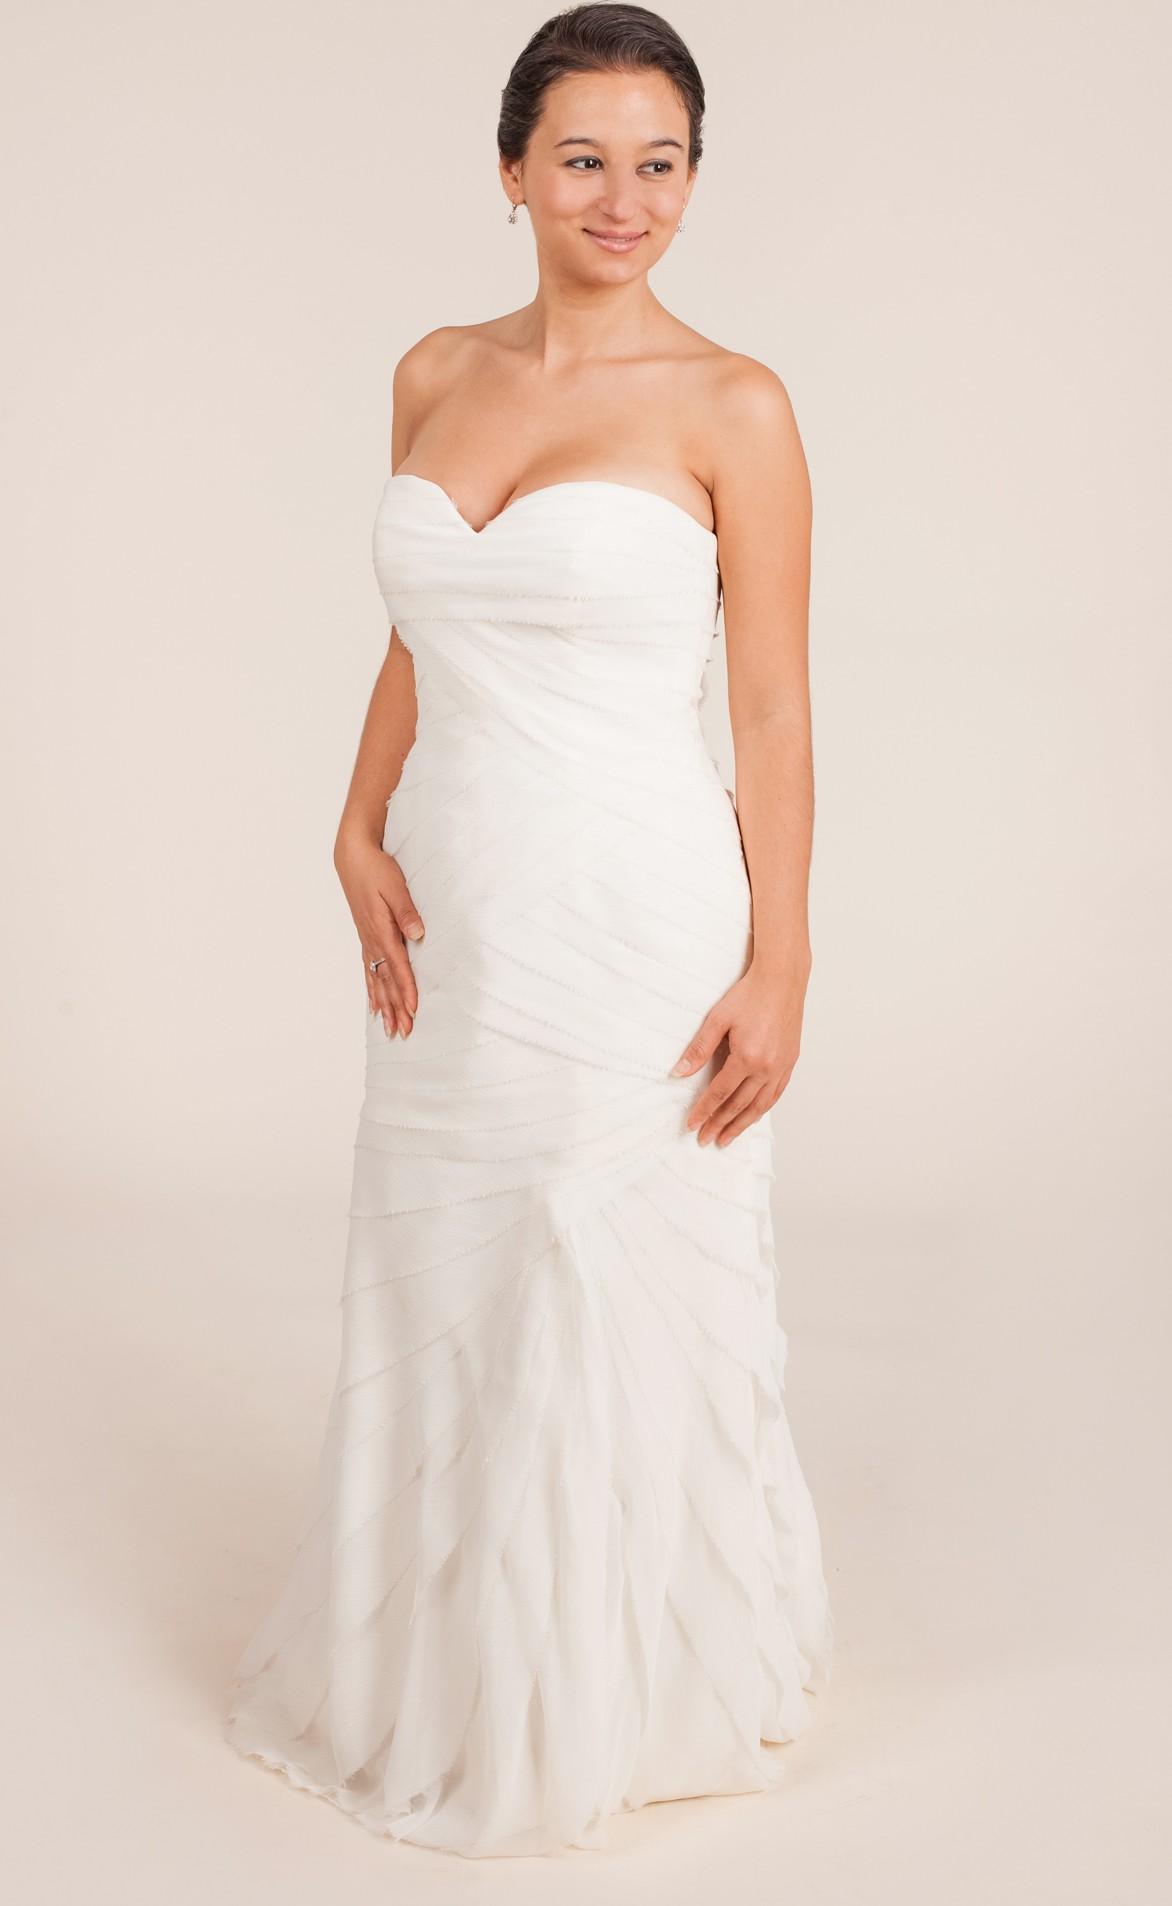 4dbb8323b702 Vera Wang Wedding Dresses - Stillwhite Australia